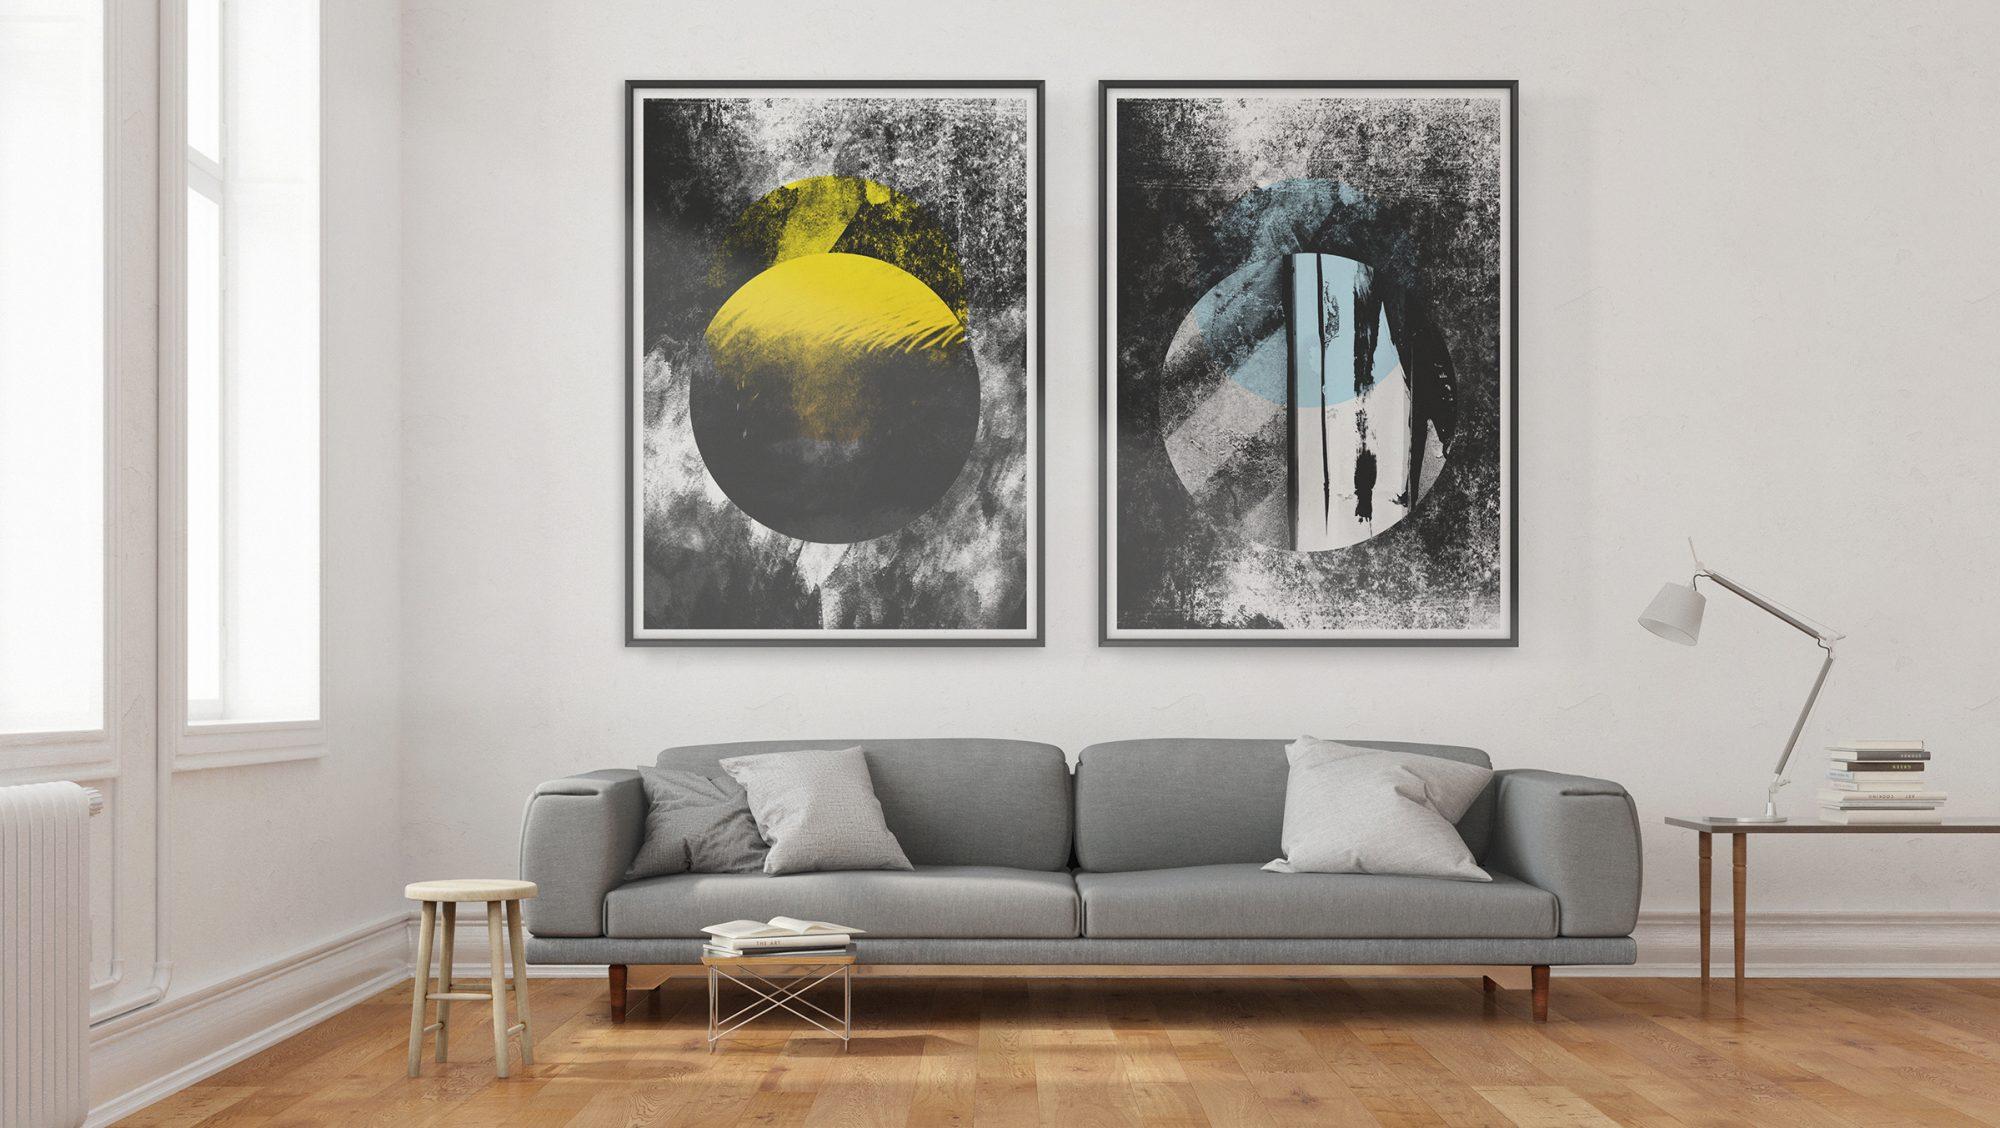 henry j wintherberg henry j wintherberg. Black Bedroom Furniture Sets. Home Design Ideas